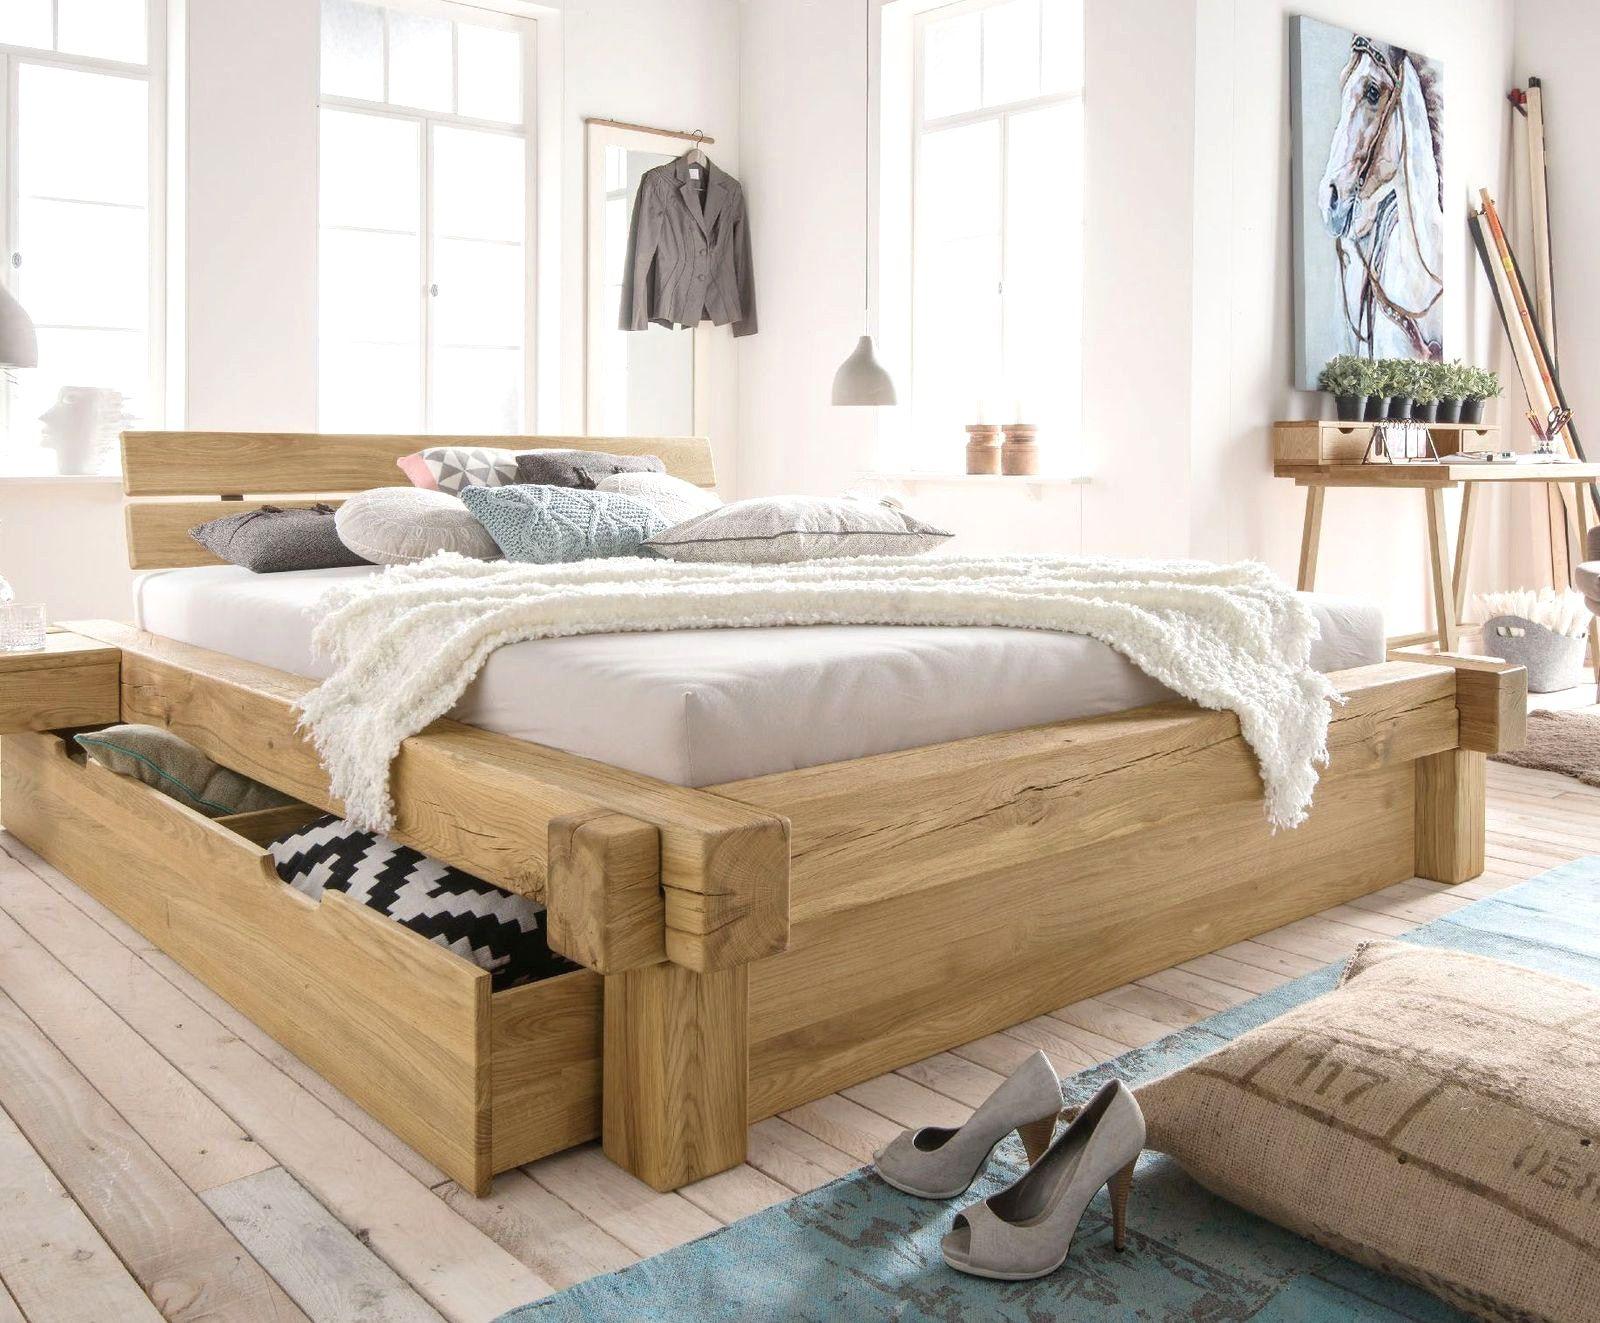 Wunderbare Inspiration Bett Erhöhen Und Spektakuläre Stabile Betten Erkennen So Das Selbst Stabilisieren Bed Living Room Arrangements Diy Toddler Bed